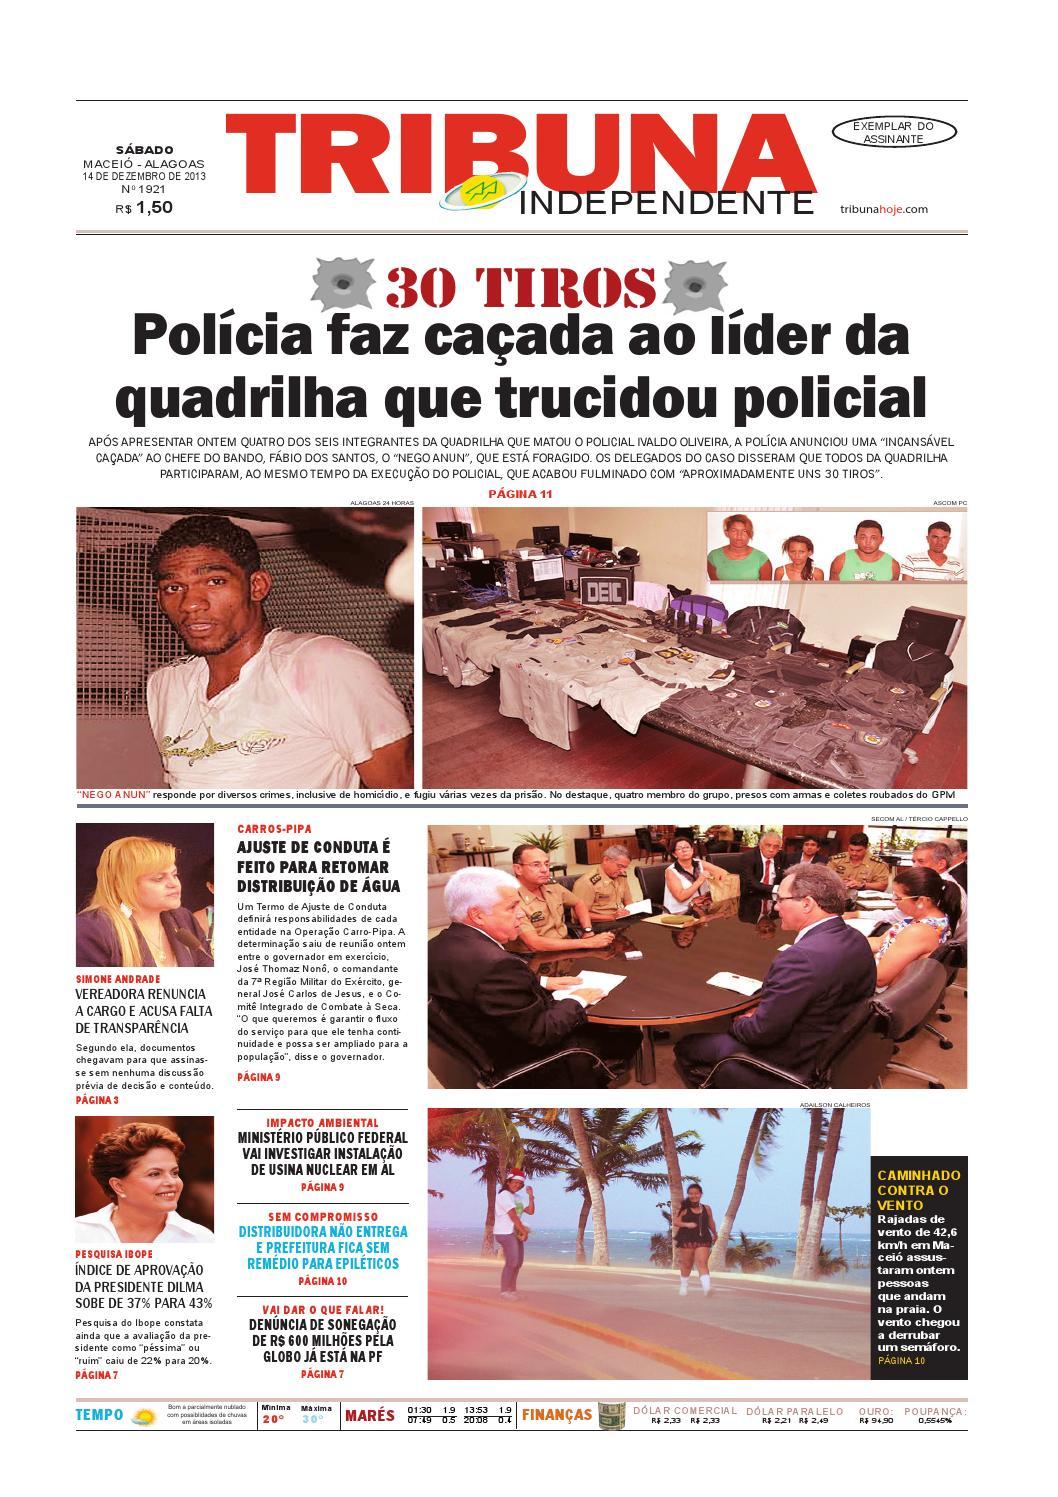 ac3b9e6269e Edição número 1921 - 14 de dezembro de 2013 by Tribuna Hoje - issuu